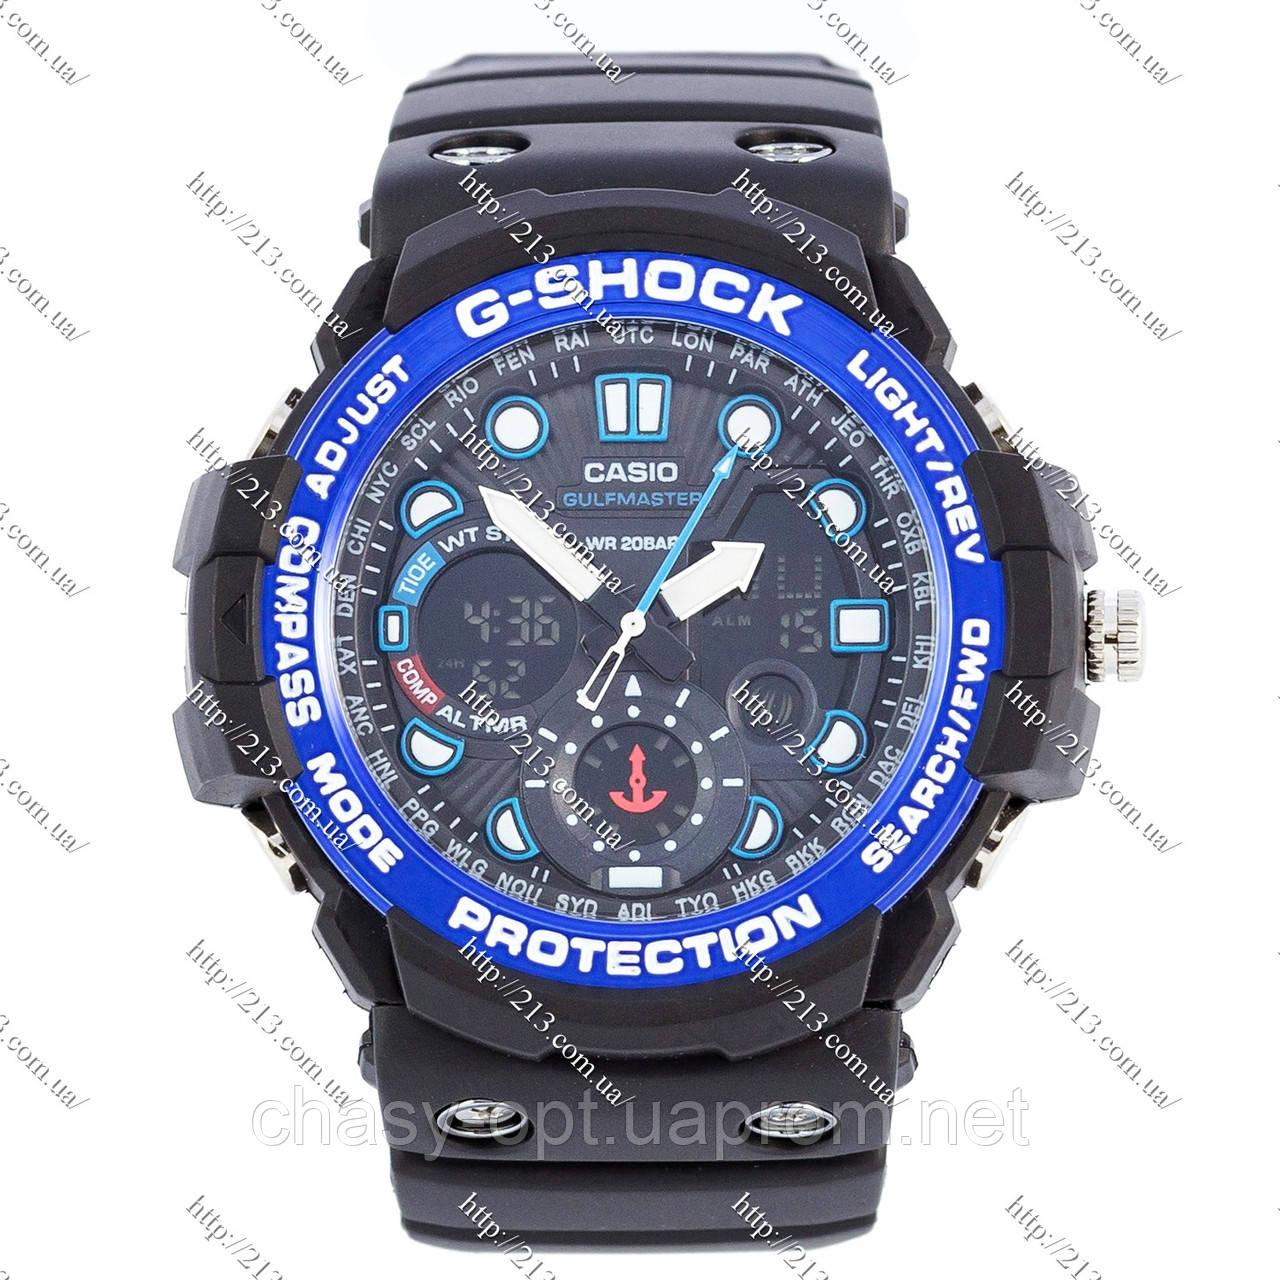 Копия часов Casio G-Shock Gulfmaster Blue - Интернет-магазин часов 213.com.ua в Киеве